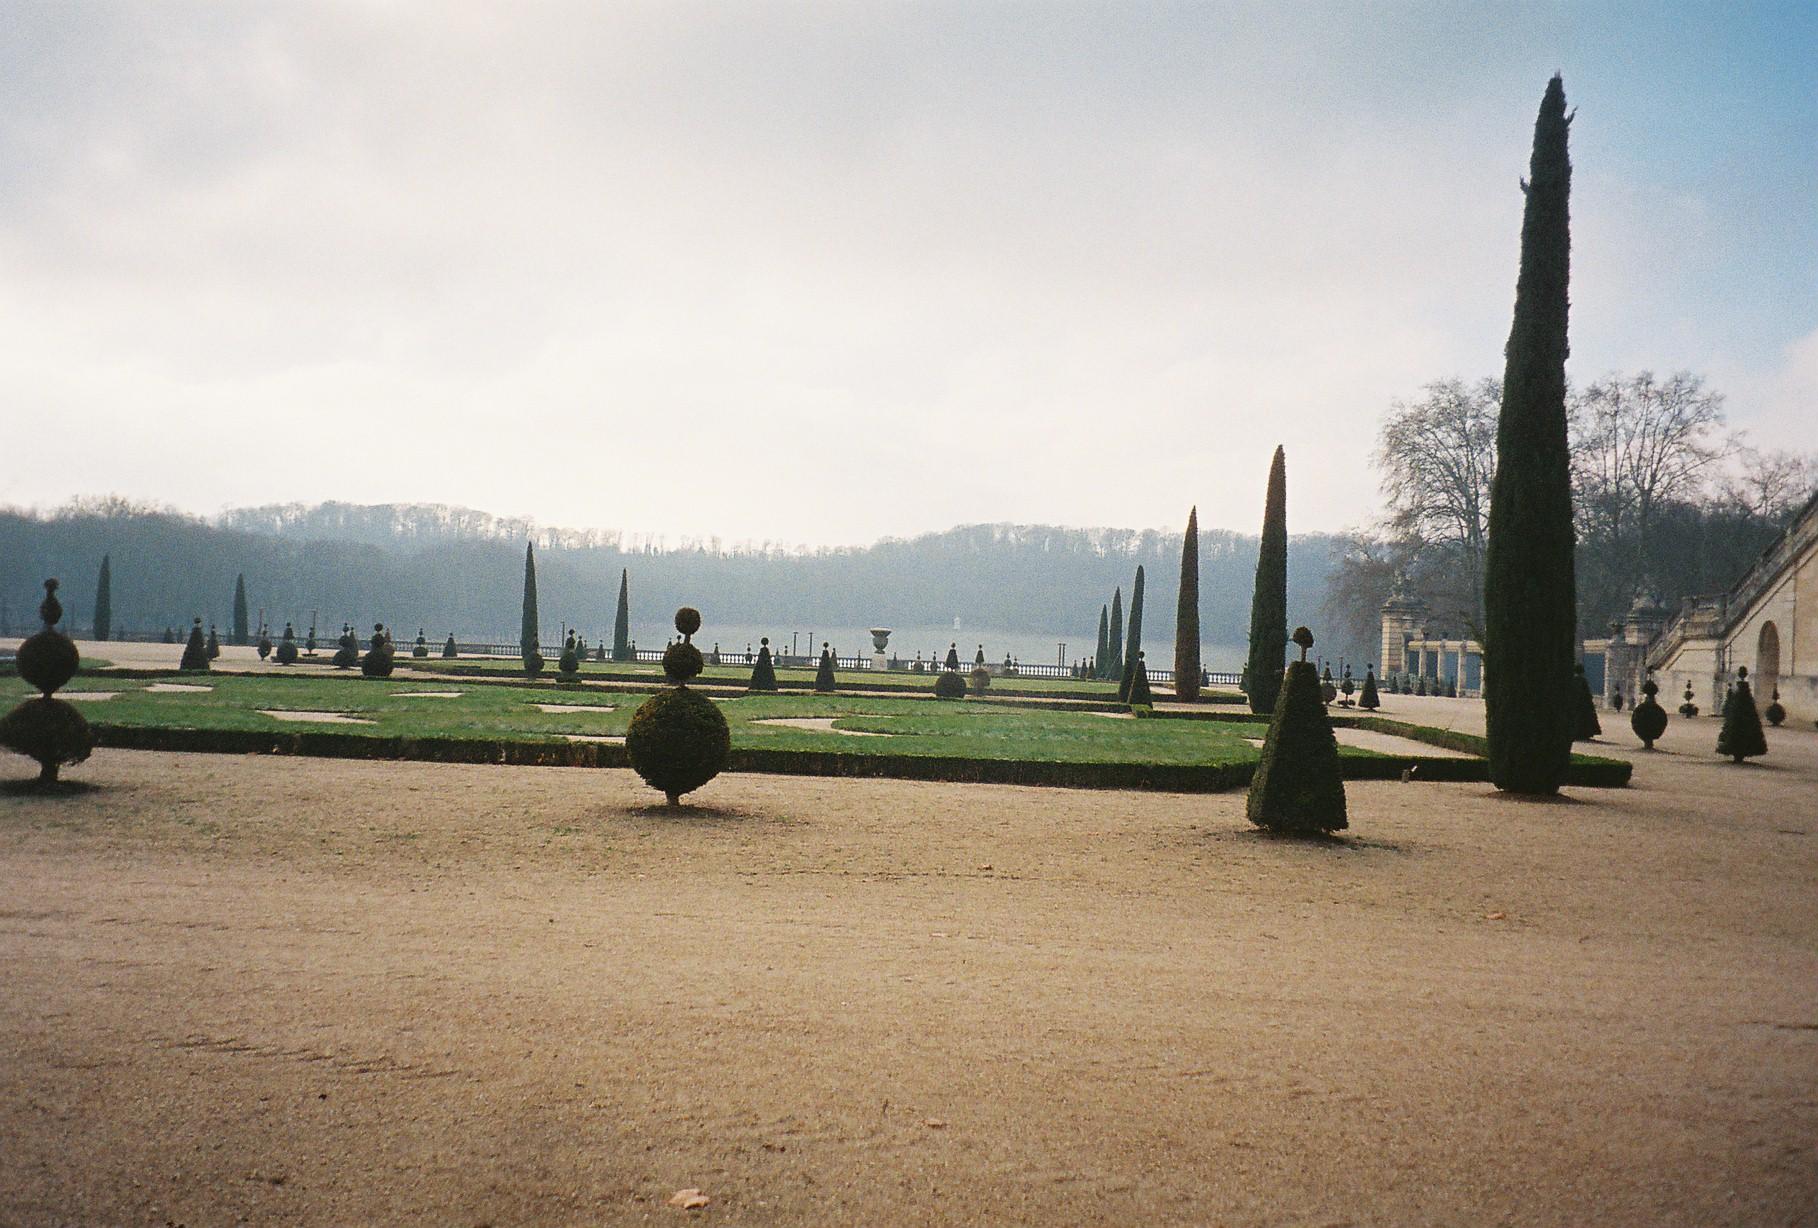 Versailles orangerie to piece d'eau des suisses parc jan11